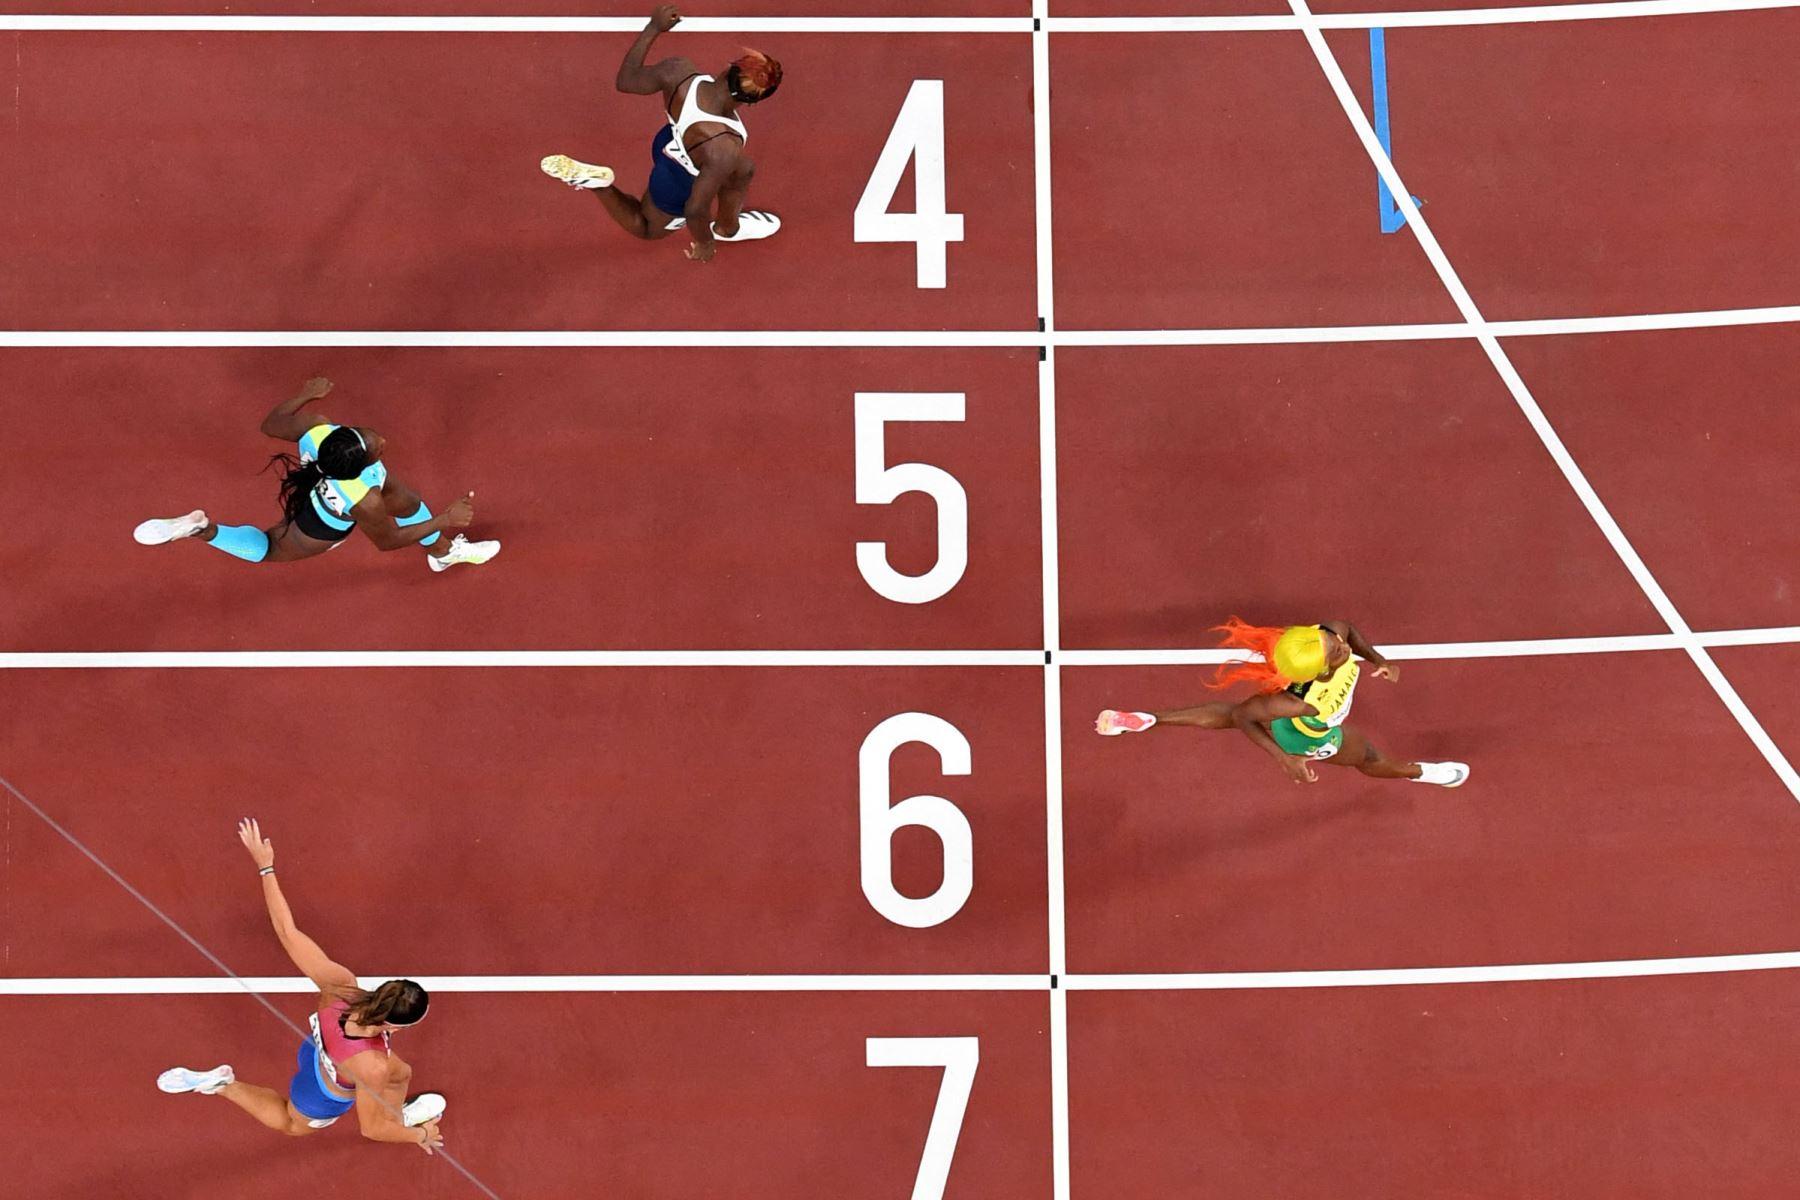 Shelly-Ann Fraser-Pryce de Jamaica gana las semifinales femeninas de 200 metros flanqueada por la estadounidense Jenna Prandini, Anthonique Strachan de Bahamas y Beatrice Masilingi de Namibia (ARRIBA) durante los Juegos Olímpicos de Tokio 2020 en el estadio olímpico de Tokio. Foto: AFP